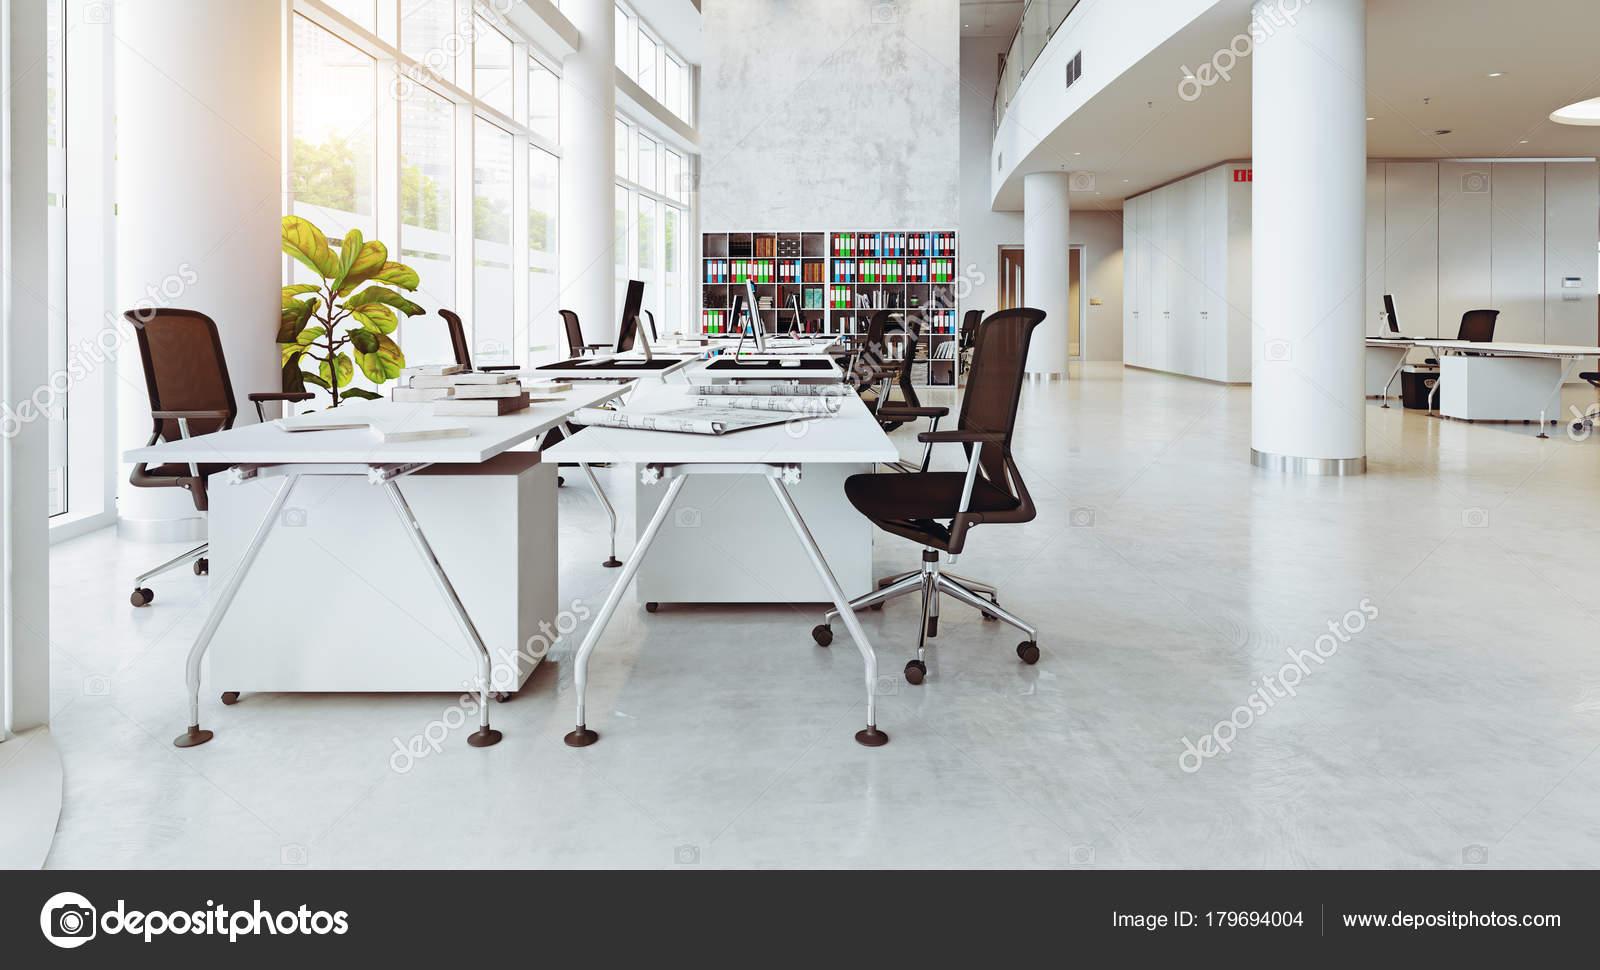 Intérieur bâtiment bureaux modernes concept rendu u2014 photographie